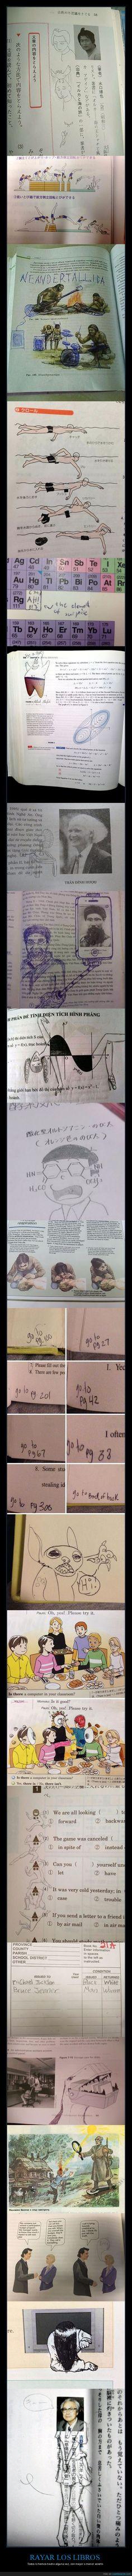 Todos hemos dibujado en nuestros libros del colegio, pero esta colección es puro arte